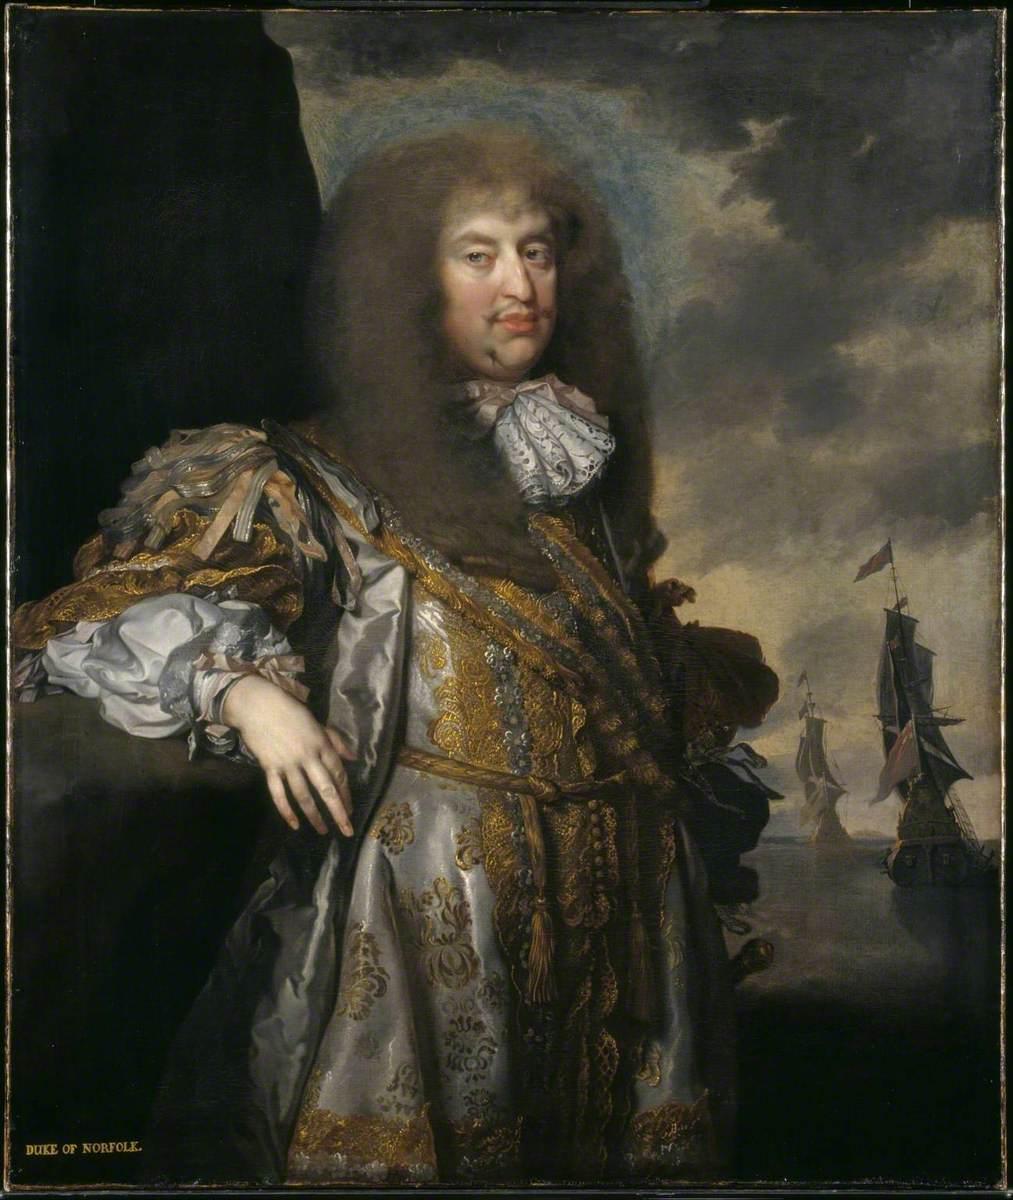 Henry Howard, 6th Duke of Norfolk